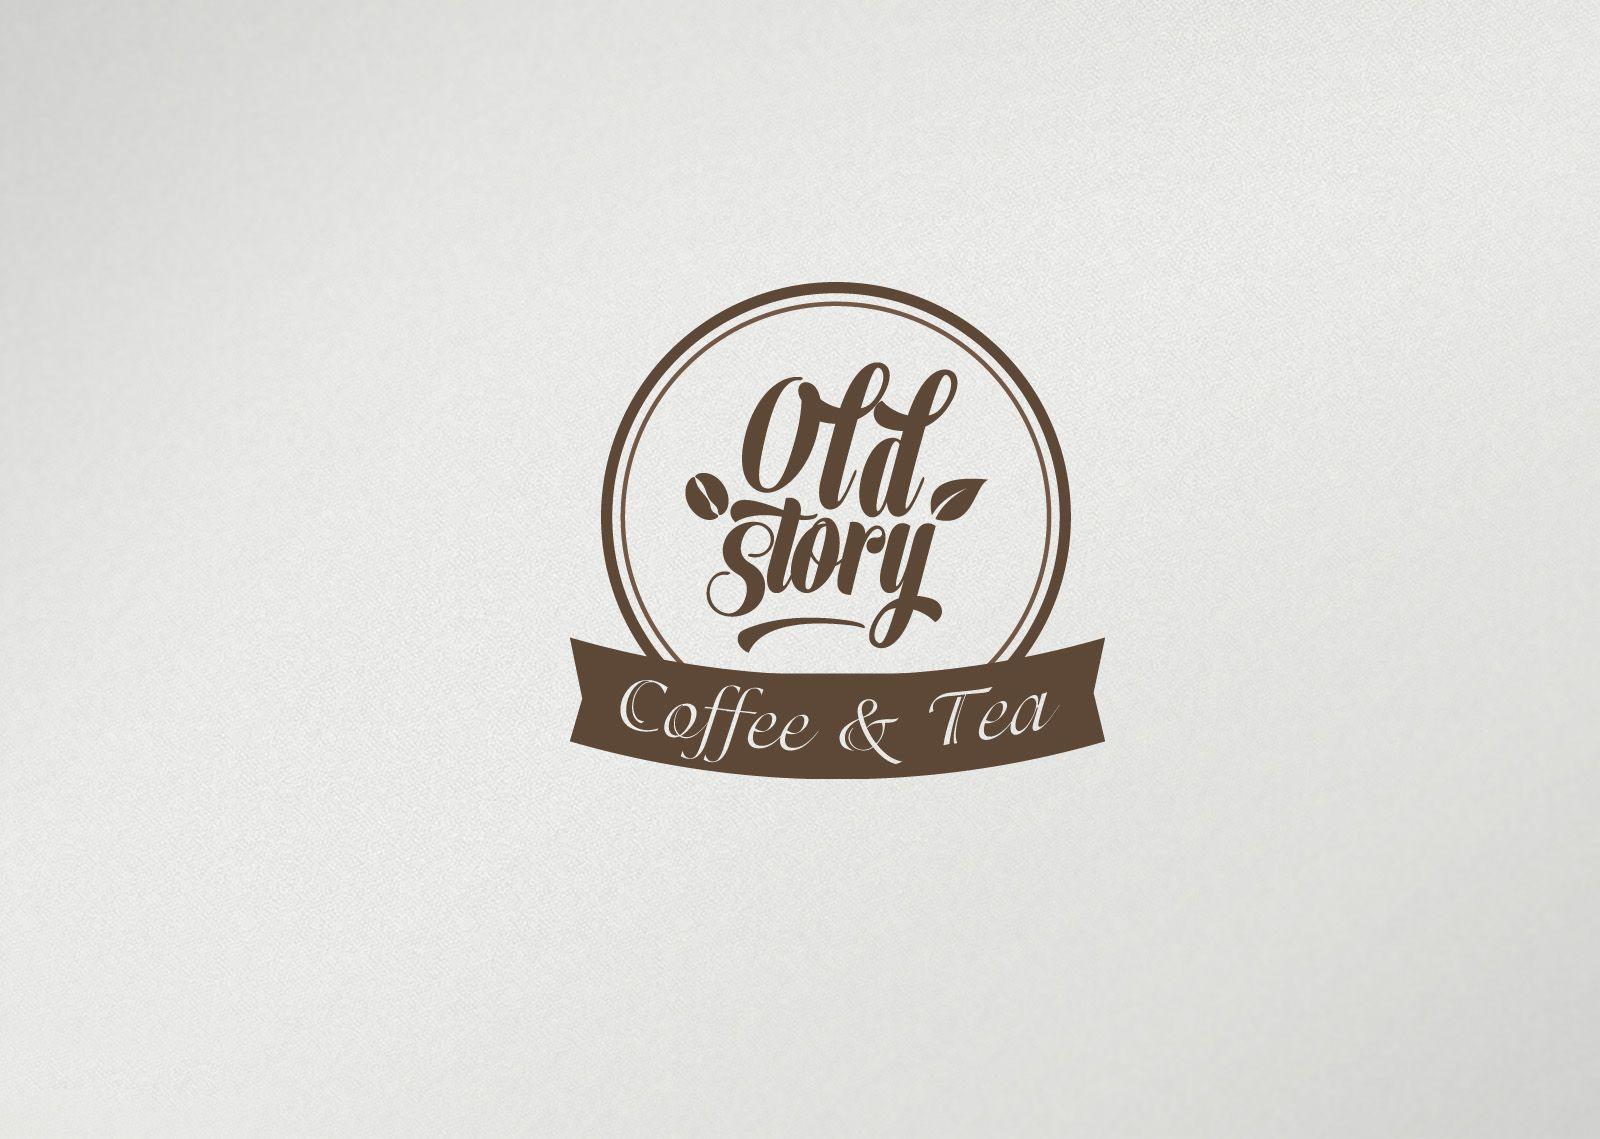 Купить чай в интернете - Интернет-магазин Унция